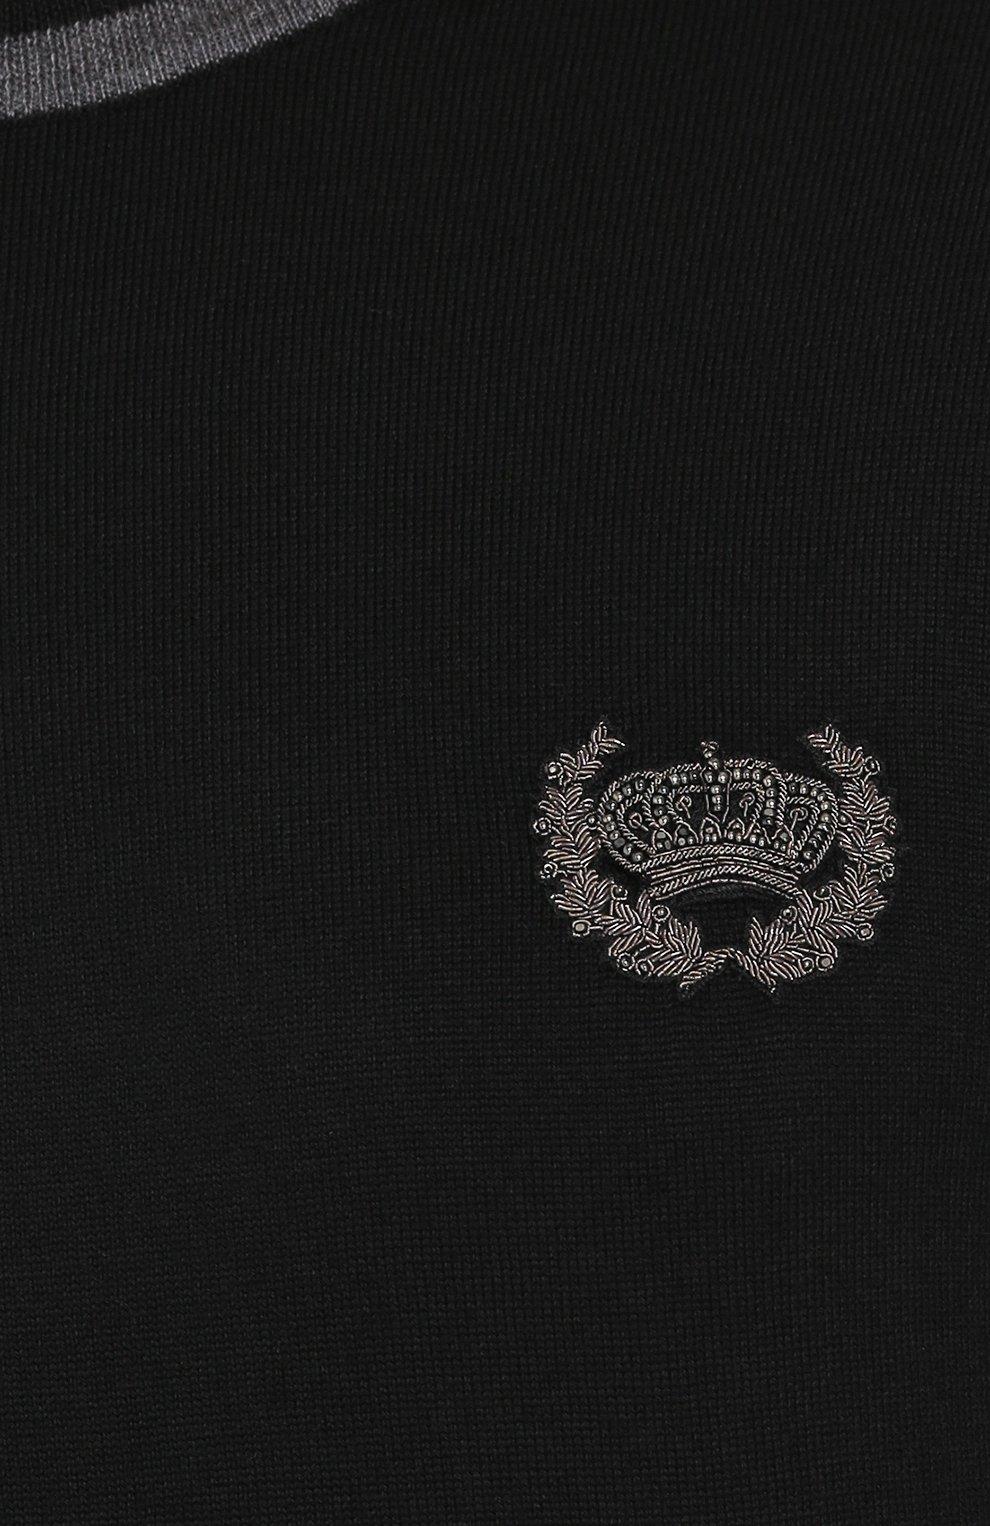 Шерстяной джемпер с вышивкой   Фото №5